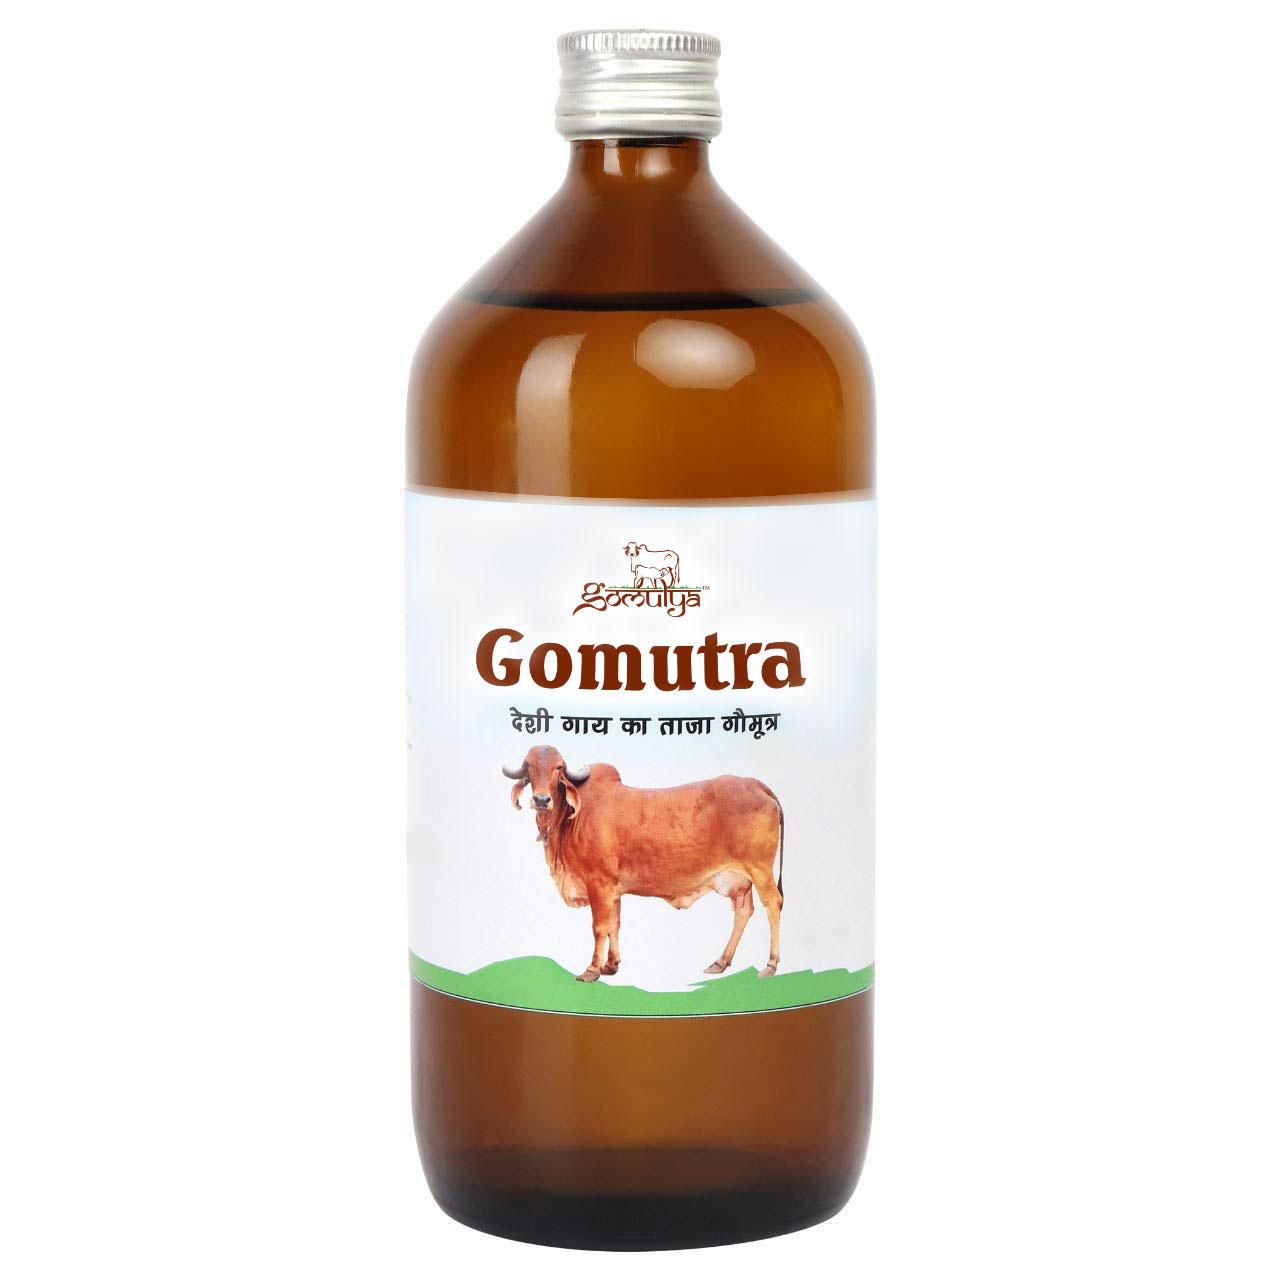 Gomulya Gomutra